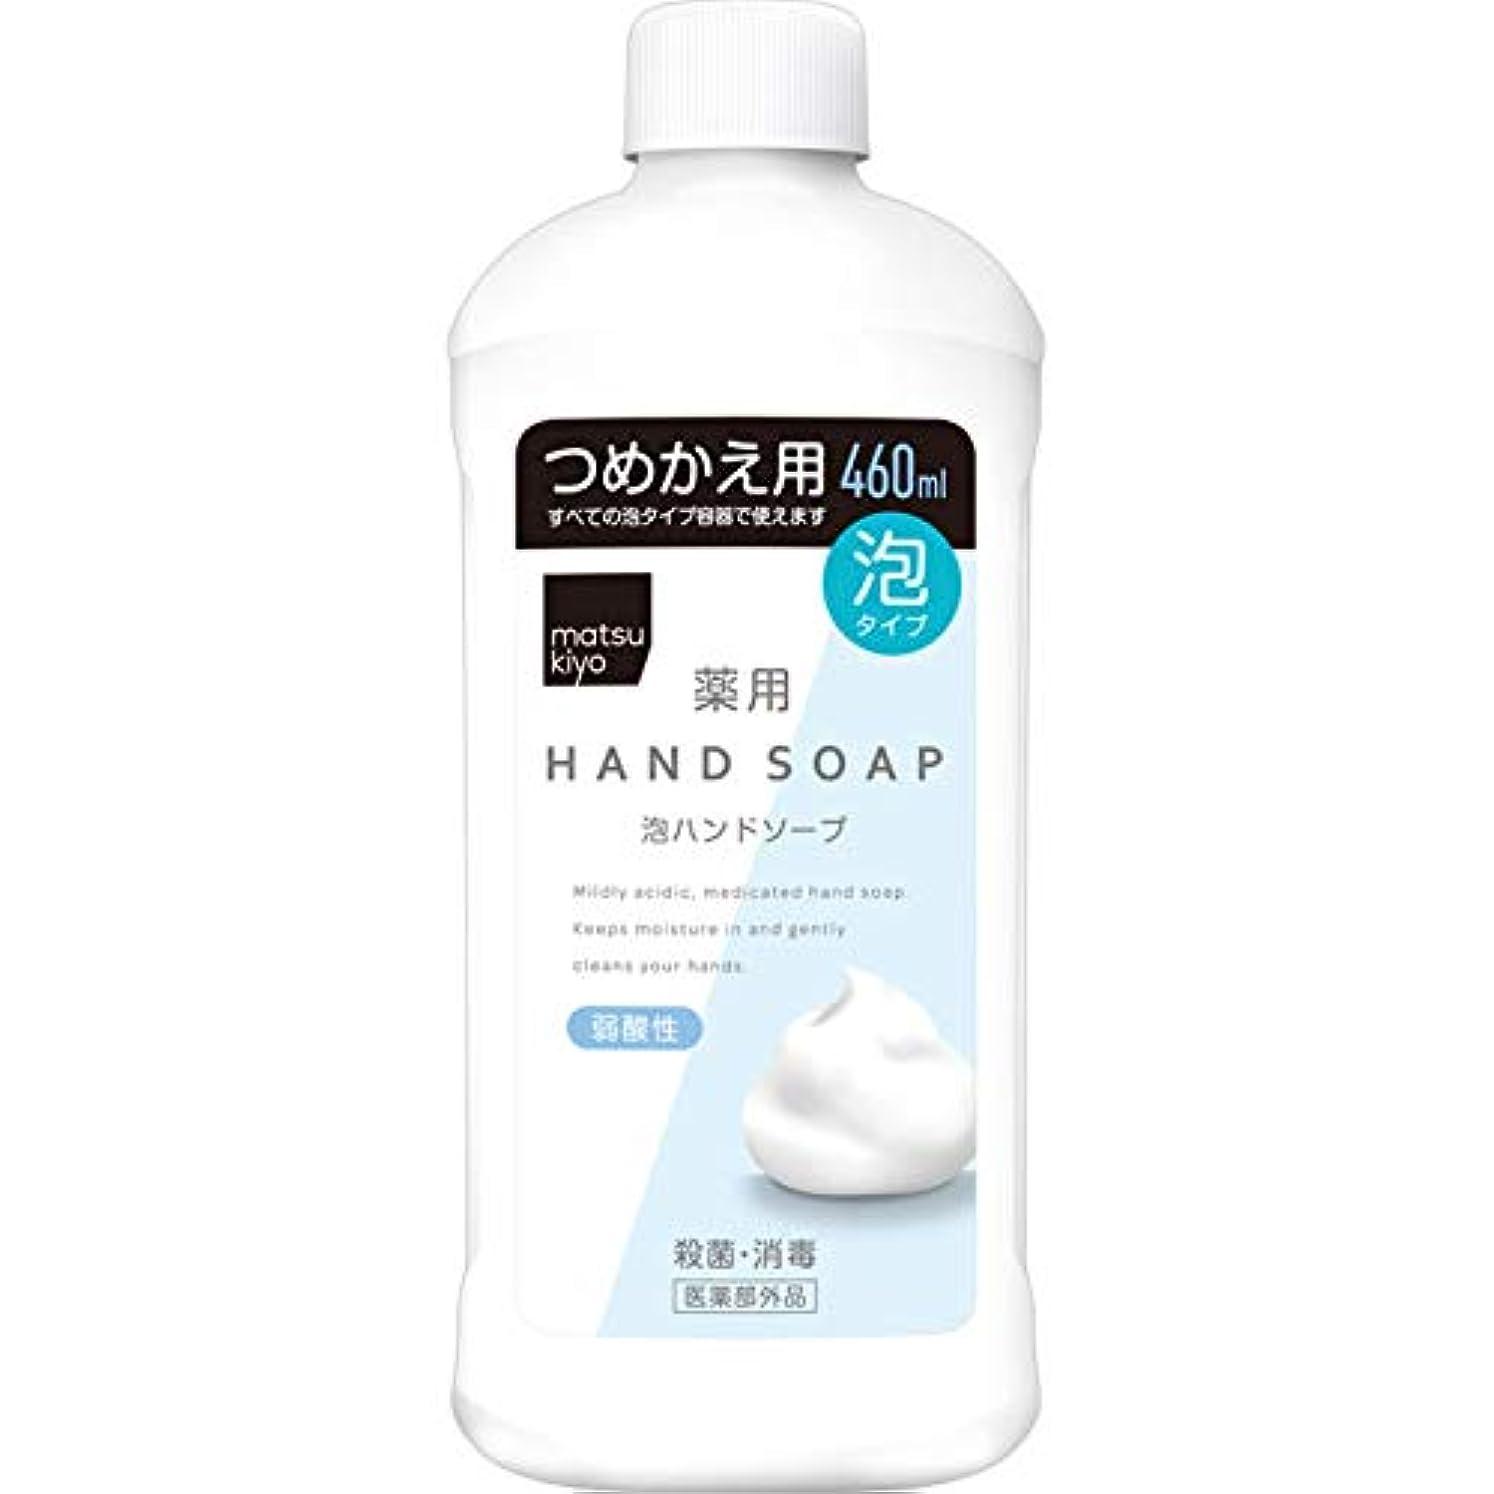 綺麗な輸送尽きるmatsukiyo 薬用泡ハンドソープ詰替 460ml (医薬部外品)